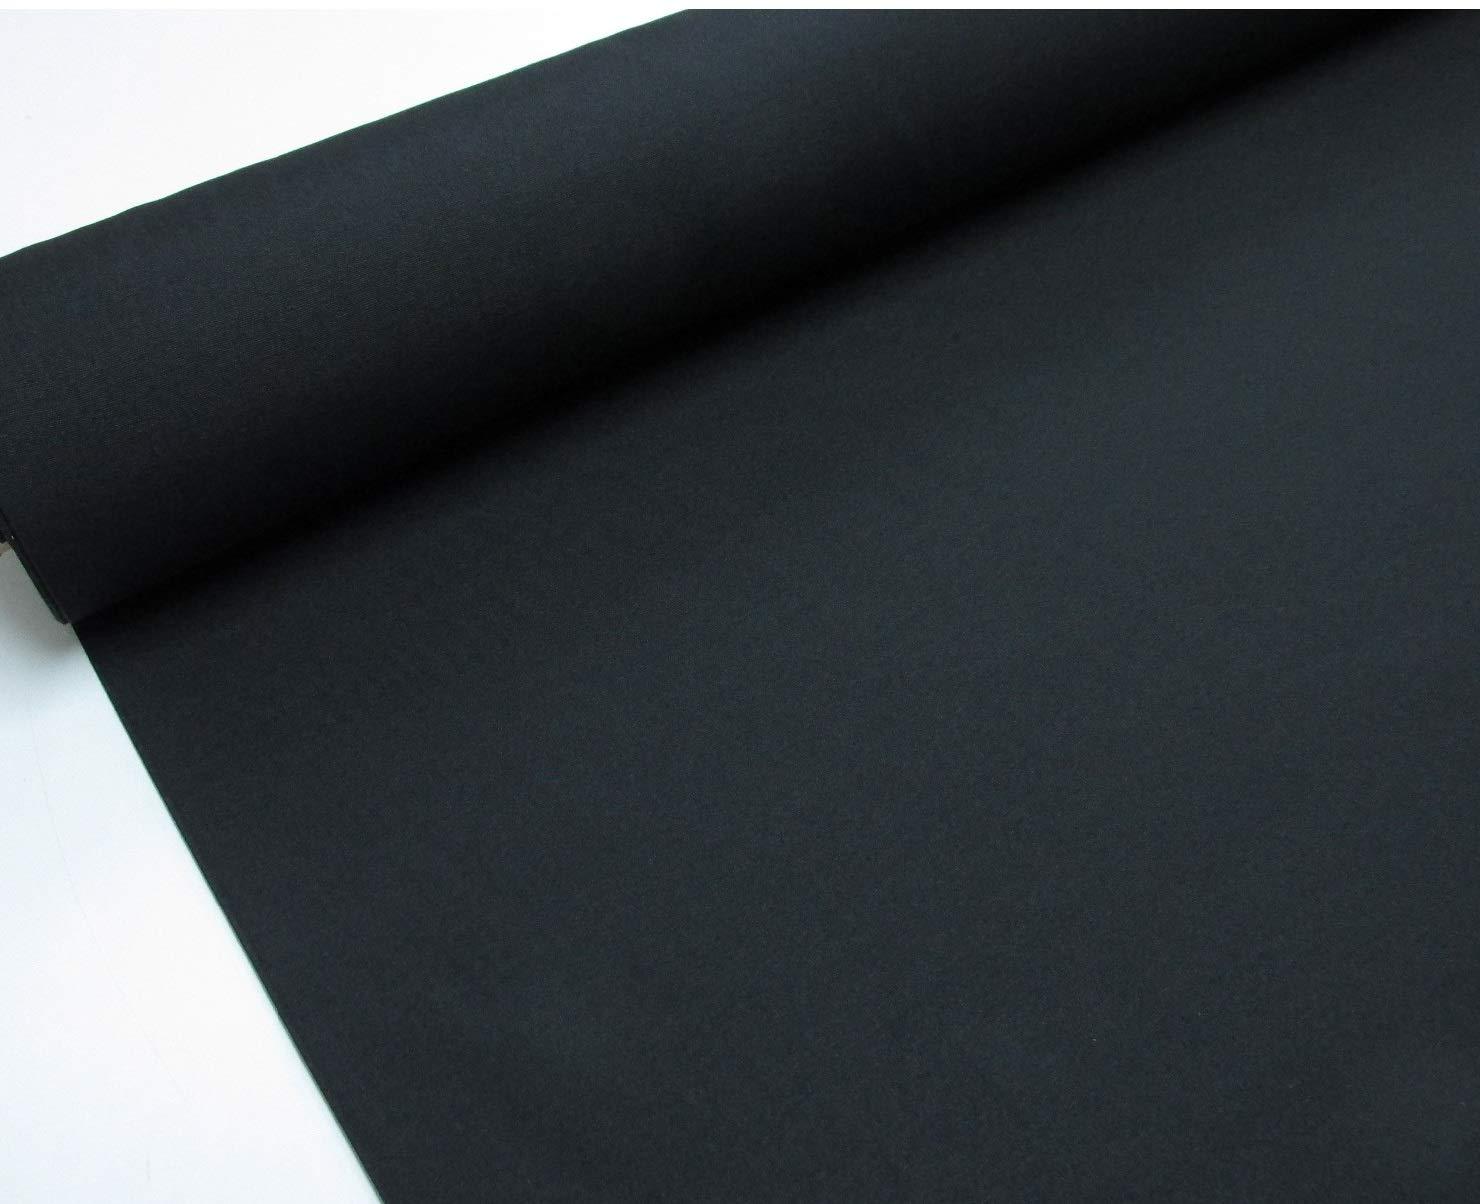 Confección Saymi - Metraje 0, 50 mts. tejido loneta lisa Nº 138 Negro con ancho 2, 80 mts.